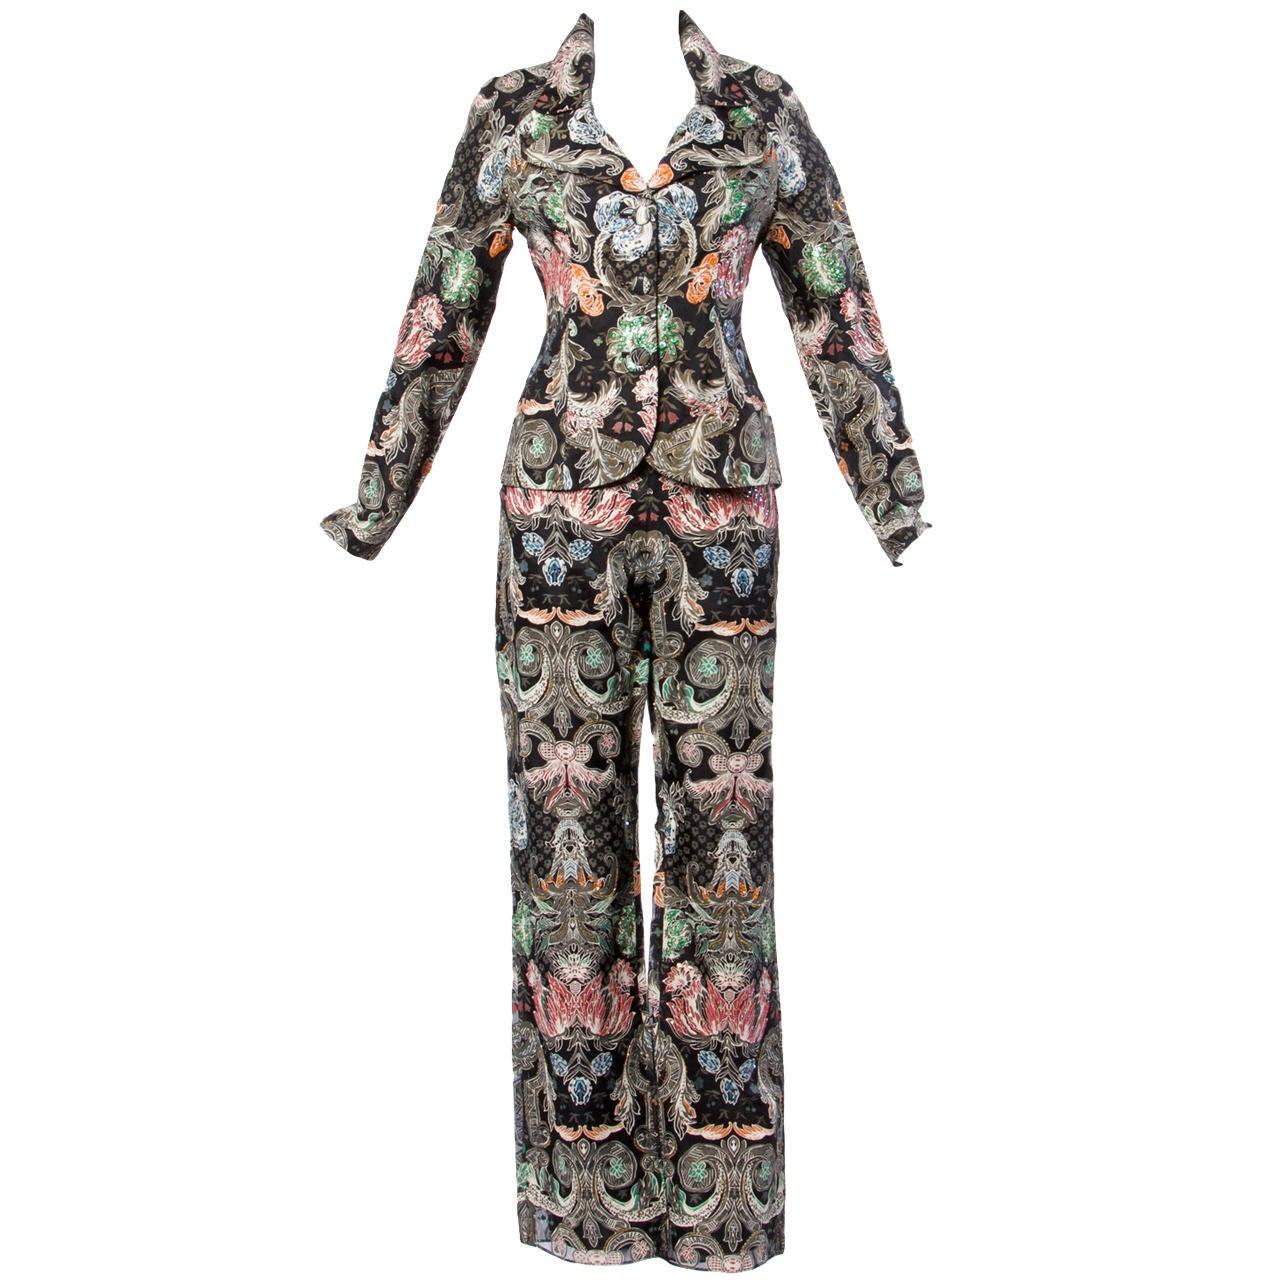 Victoria Royal LTD Vintage Sequin Beaded Silk Jacket + Pants Suit Ensemble